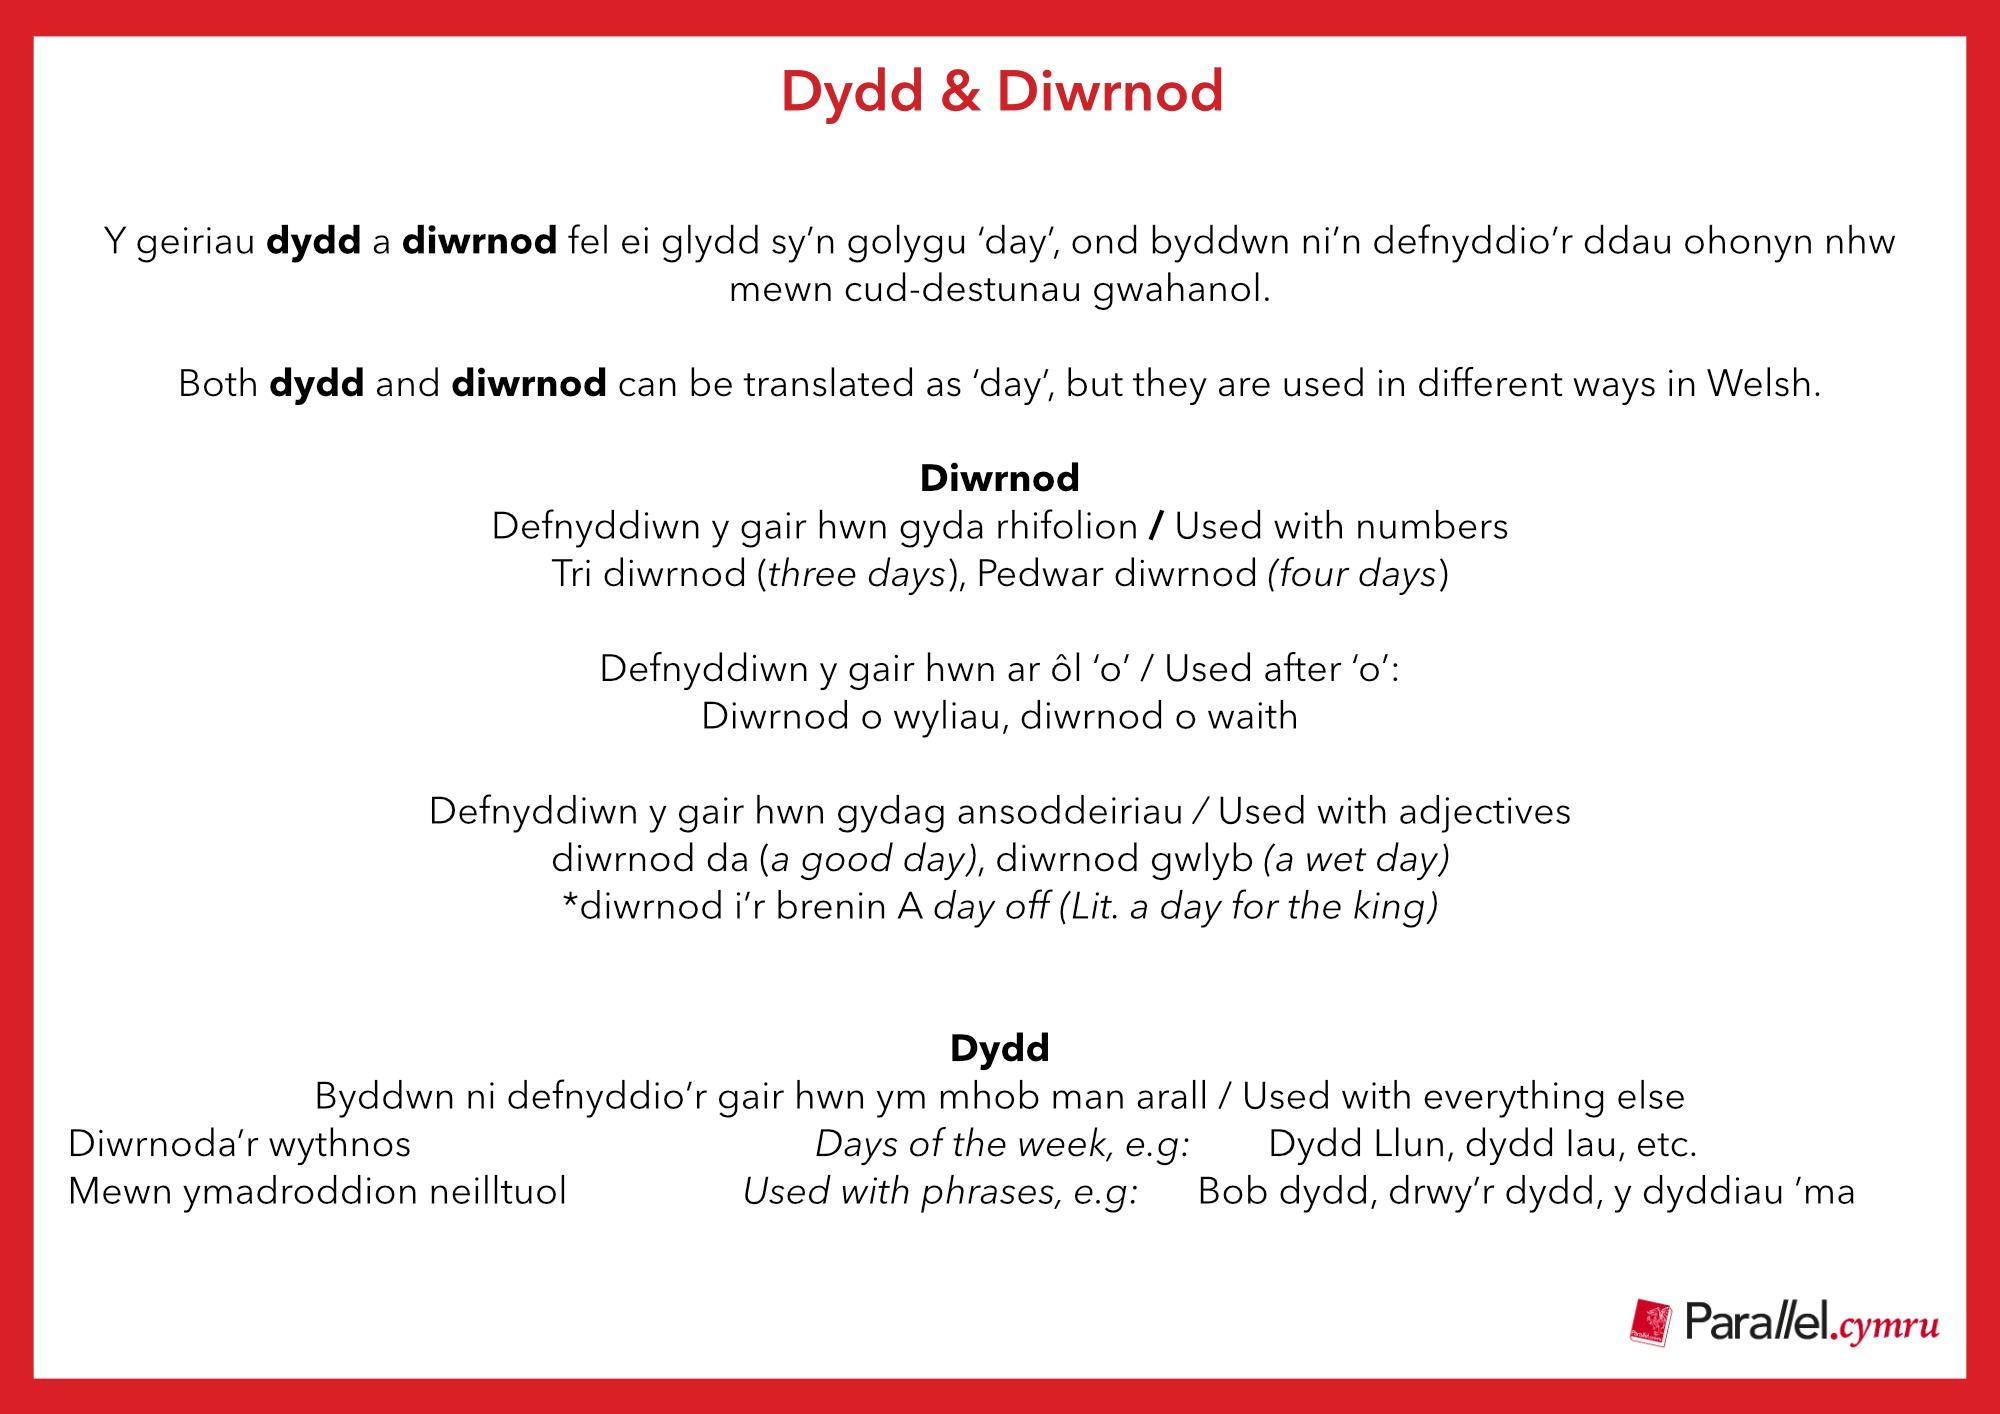 Ask Dr Gramadeg Dydd & Diwrnod